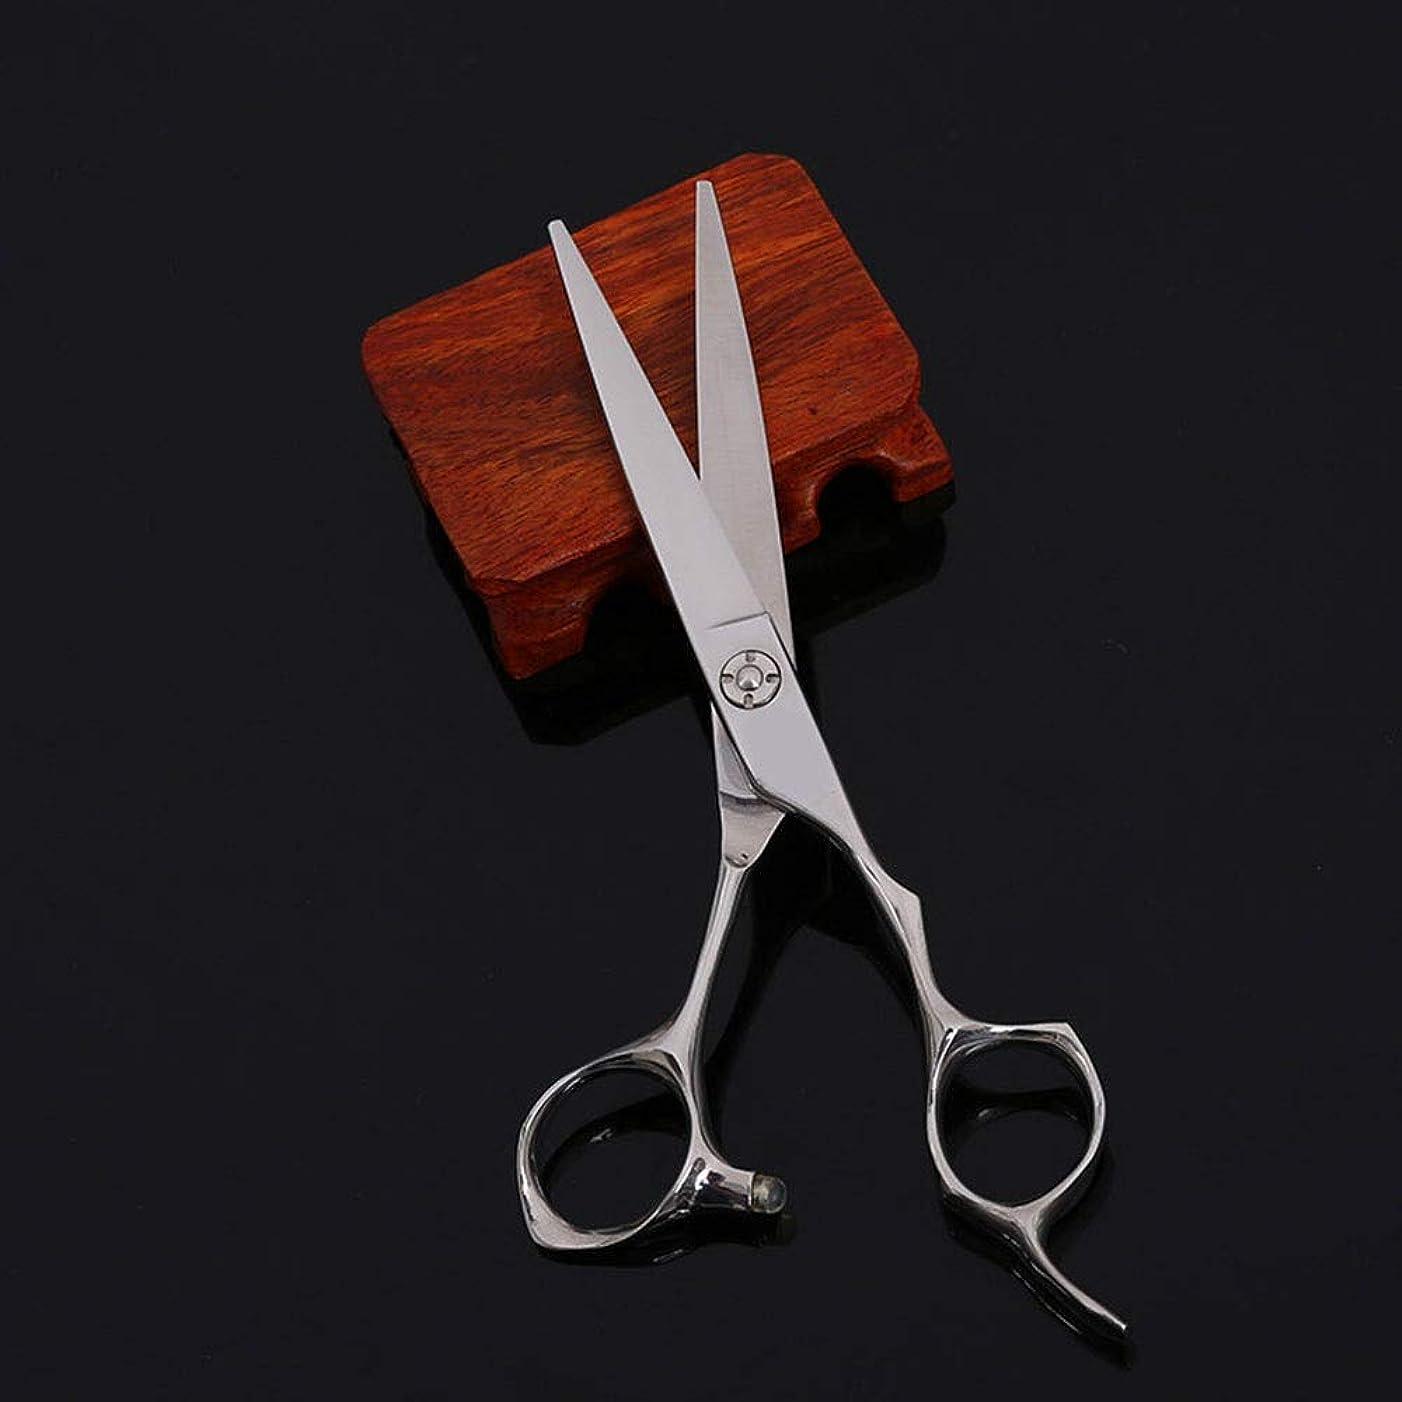 理髪用はさみ 6インチの理髪師の専門の散髪の平らなはさみ、ヘアーサロンおよび家の理髪用具の毛の切断はさみのステンレス製の理髪師のはさみ (色 : Silver)